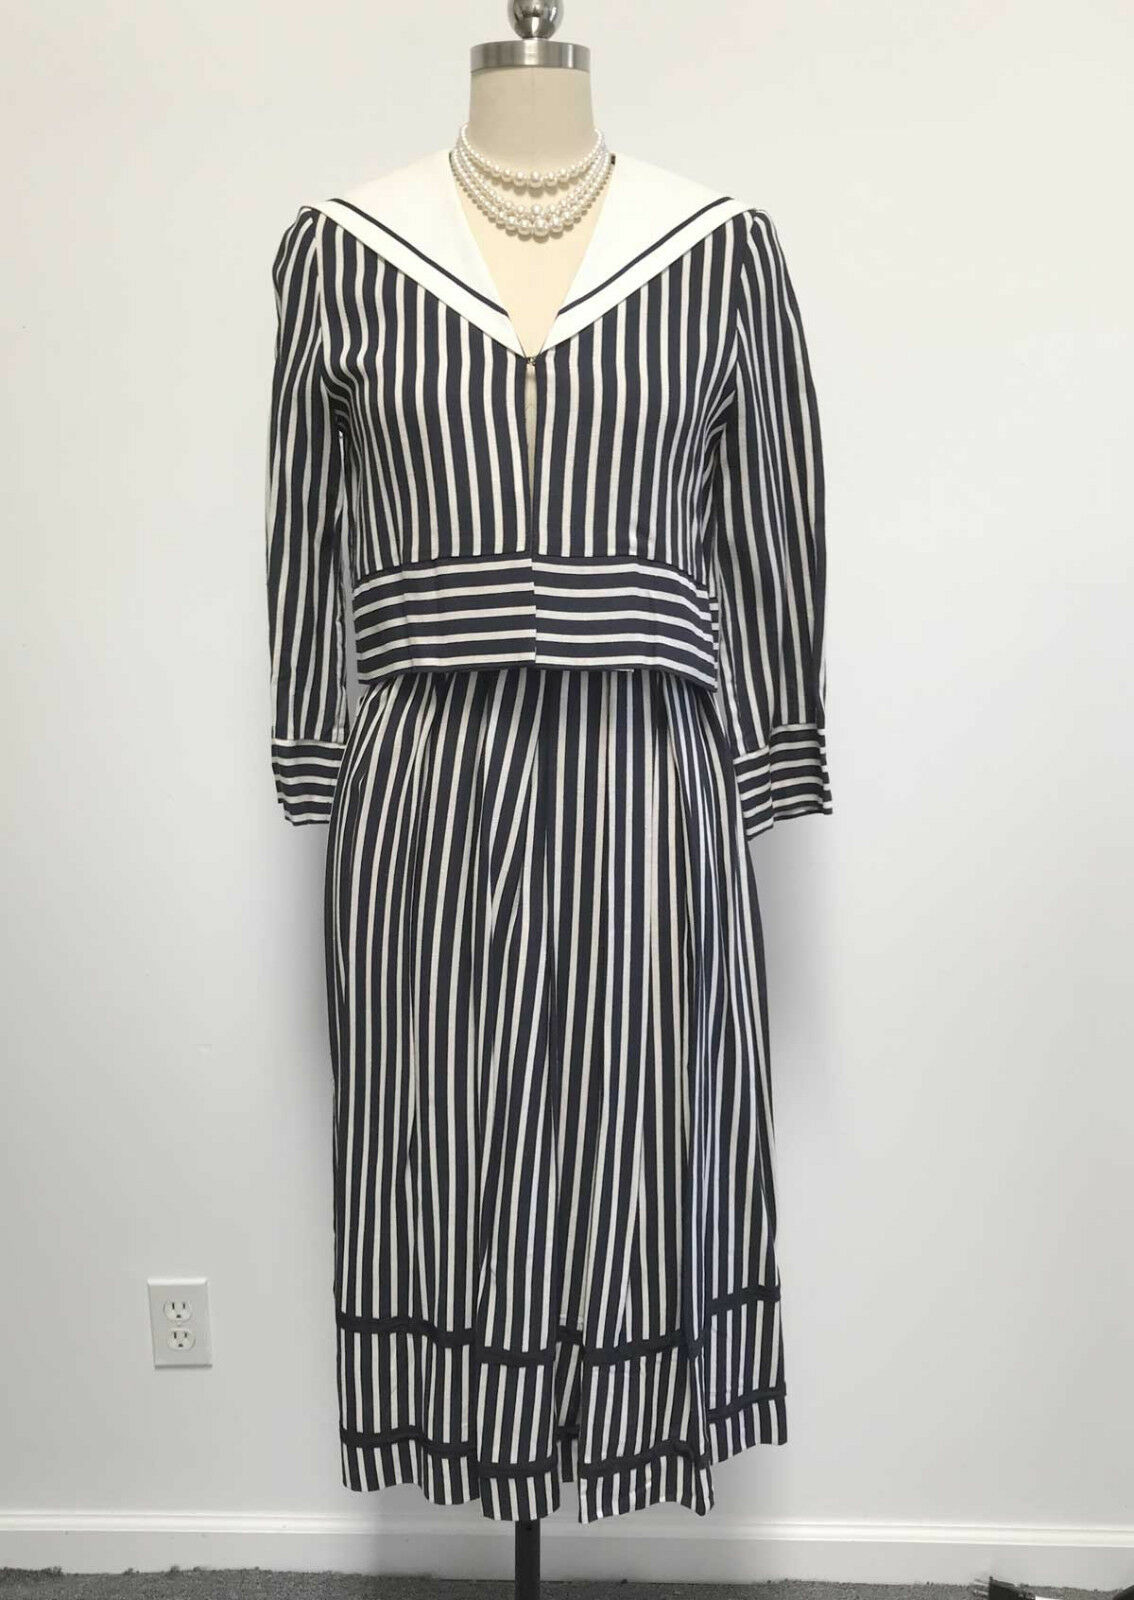 Vtg Spring Sailor Skirt Suit Emanuel Boutique Boutique Boutique London Navy & White Stripes  sz M 3987bd